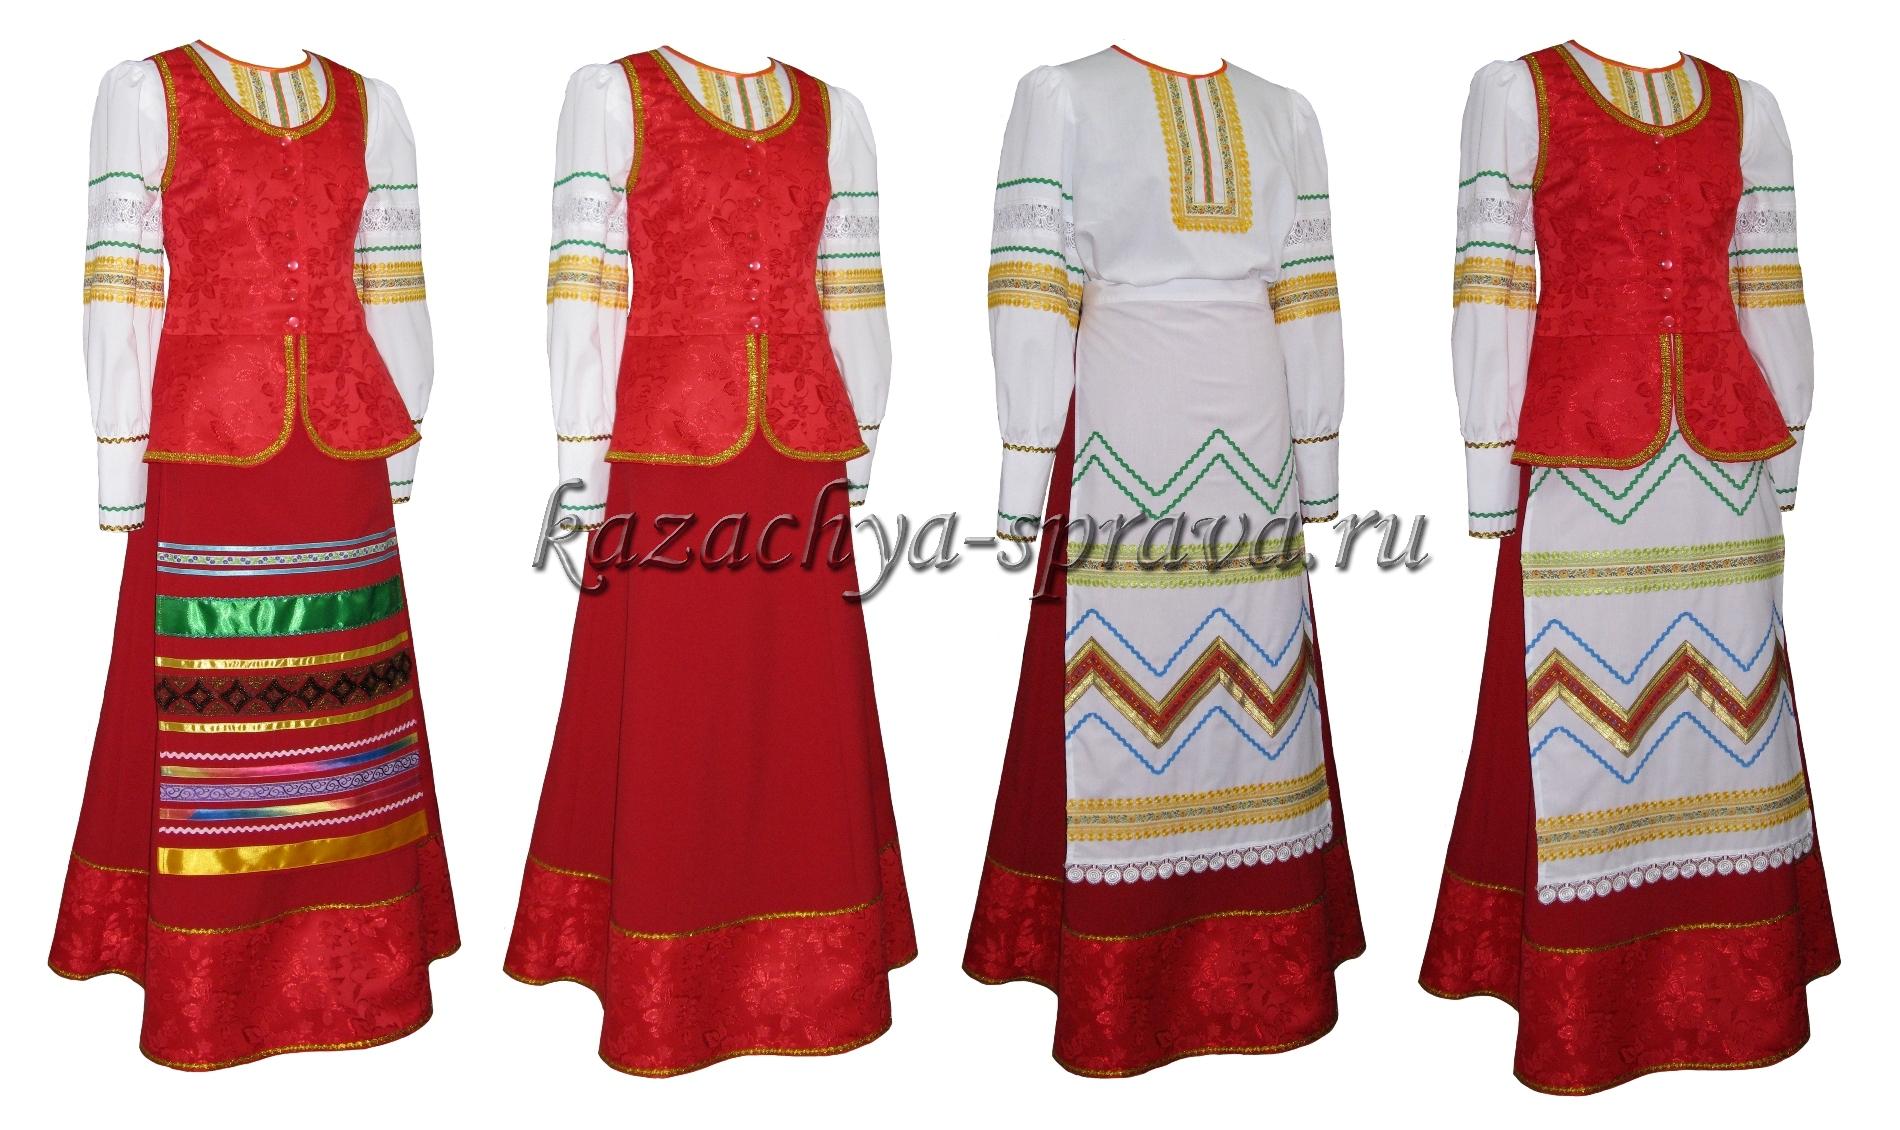 Казачья Женская Одежда Купить